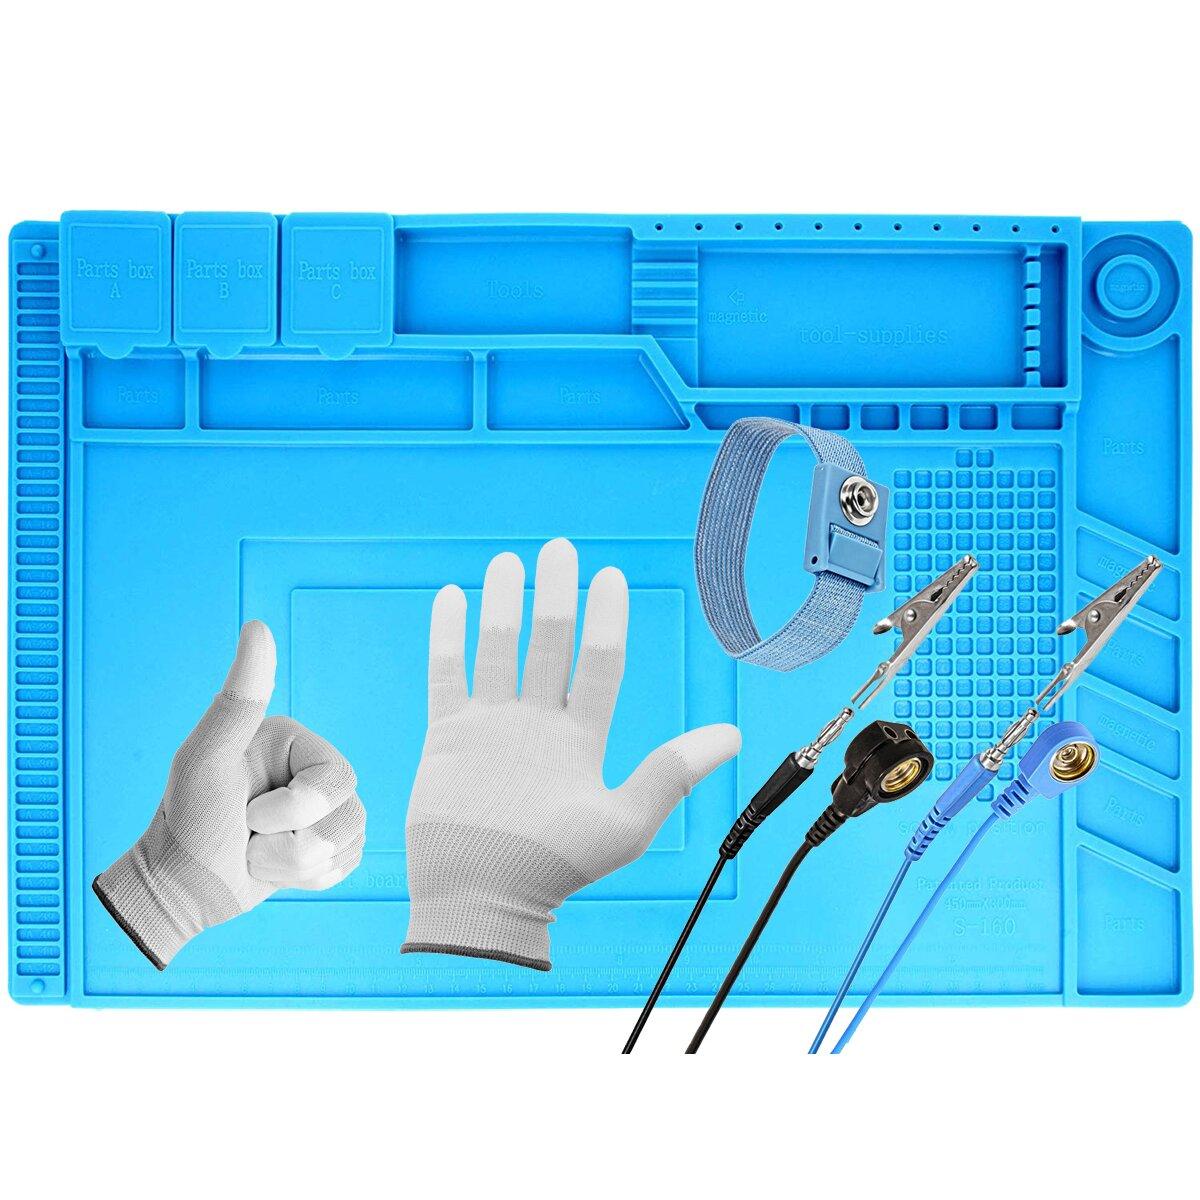 Minadax hitzebeständige (bis zu 500°C) Lötmatte mit Magnetfeldern + Antistatik Handschuhe Gr.-L+ Handgelenkschlaufe mit Verlängerung - 30 x 45 cm – ideal geeignet für Reparaturen